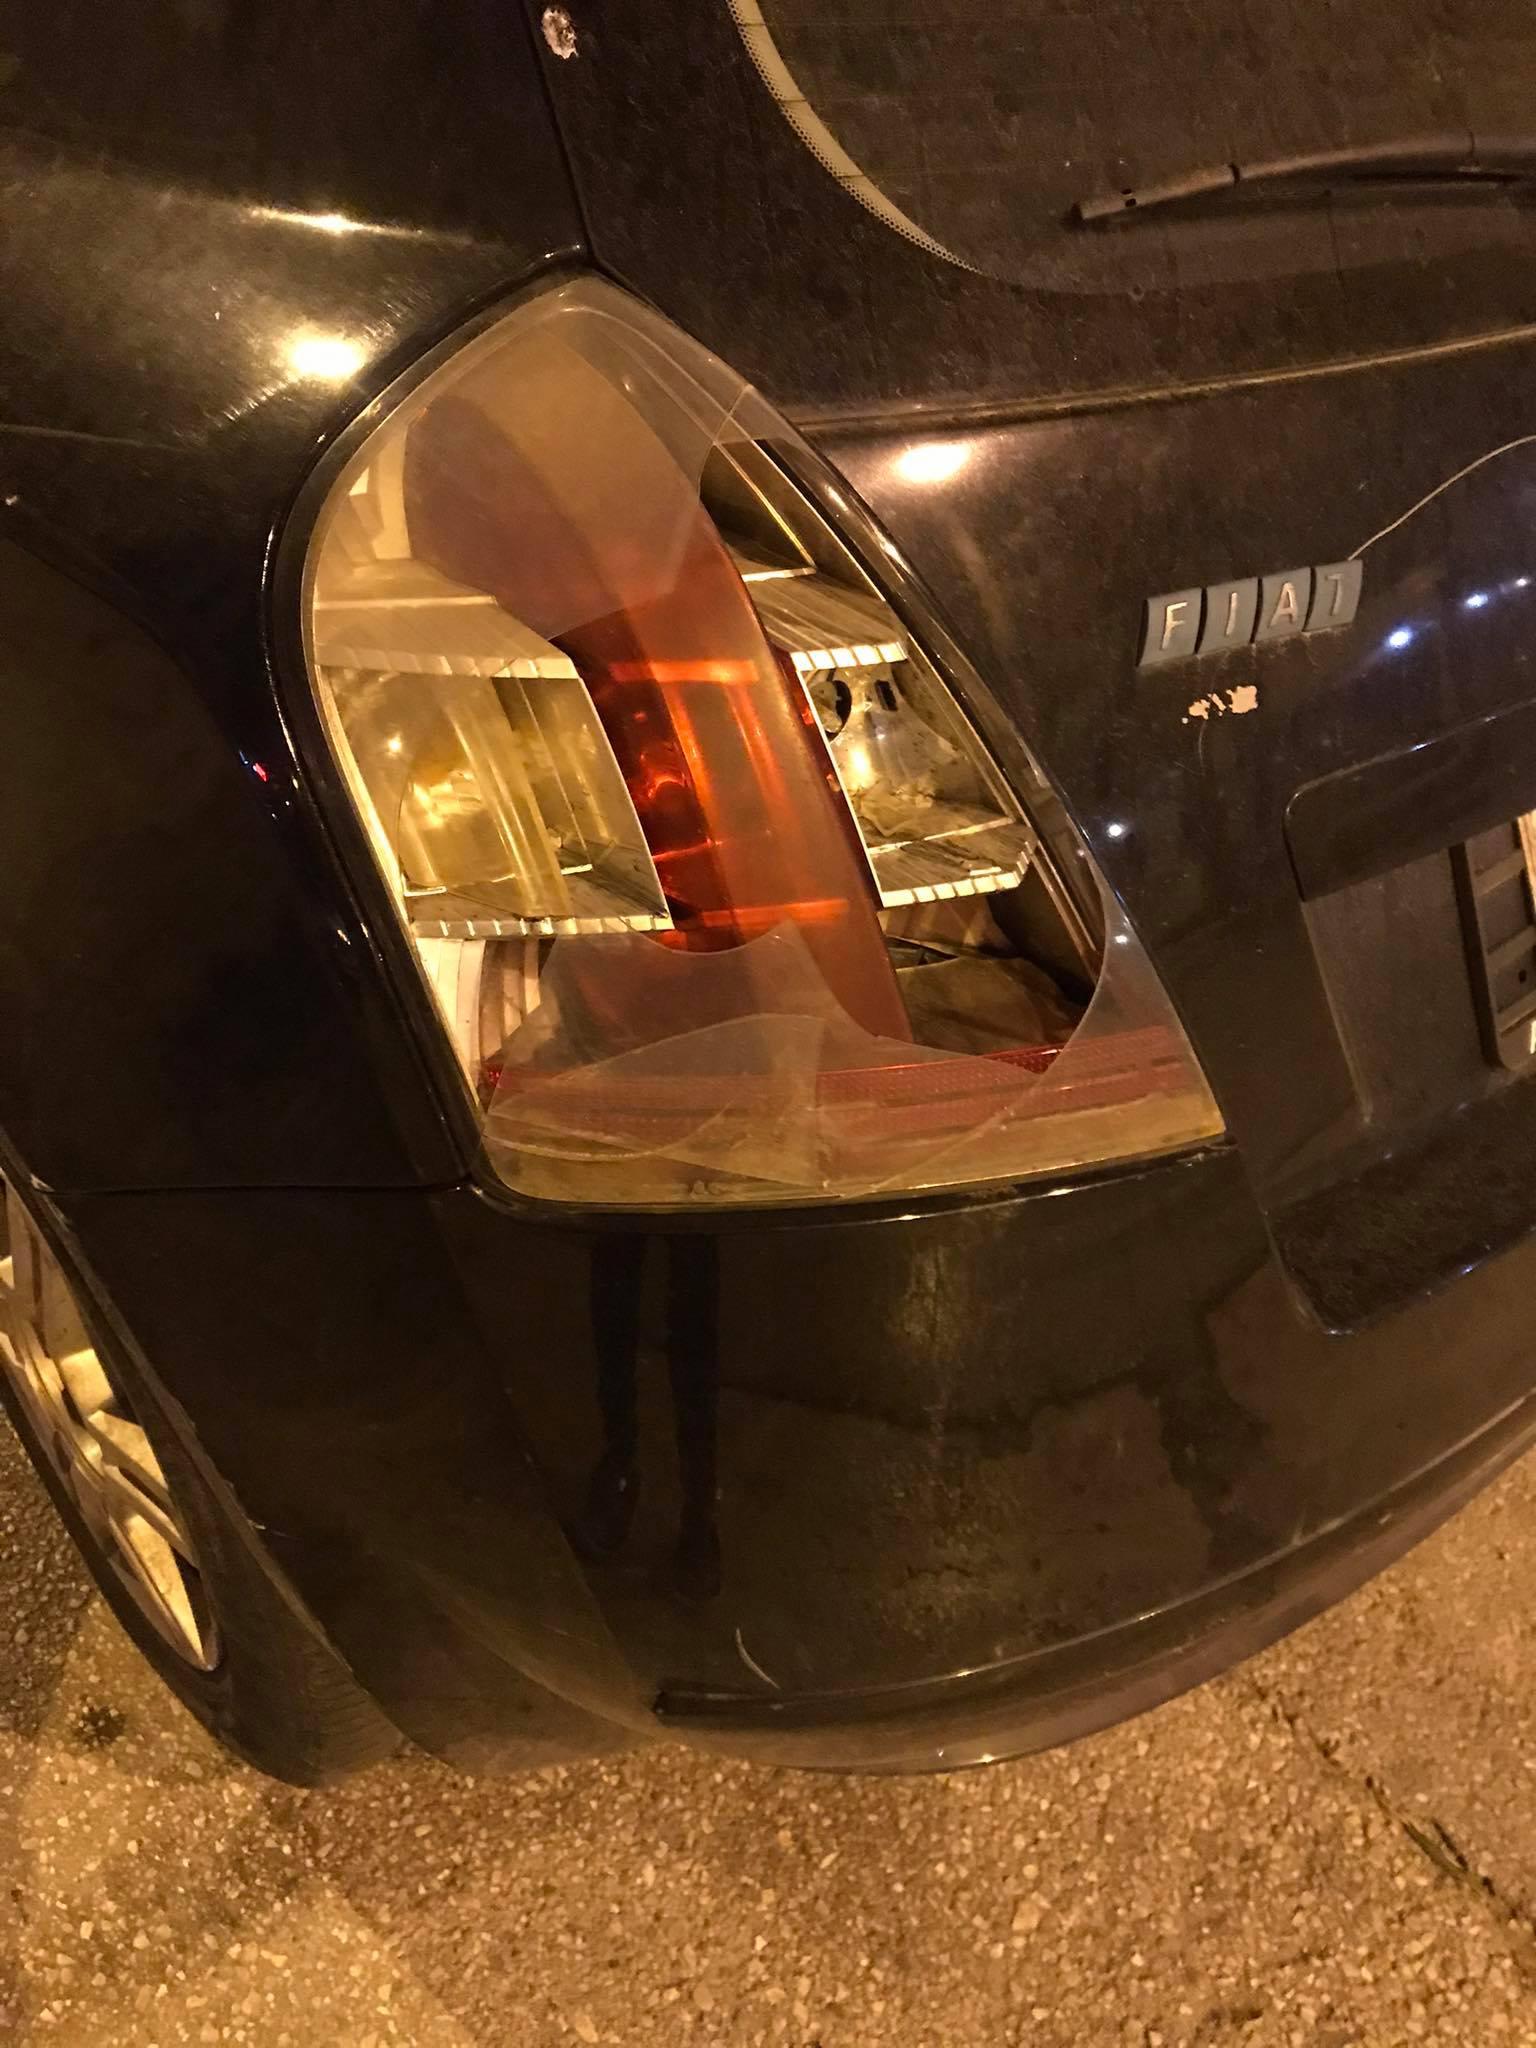 Εκτακτο: Αστυνομικοί έσπασαν με γκλοπ σταθμευμένο αυτοκίνητο στην Πανορμου – Το έκαναν καλοκαιρινό το φιατάκι